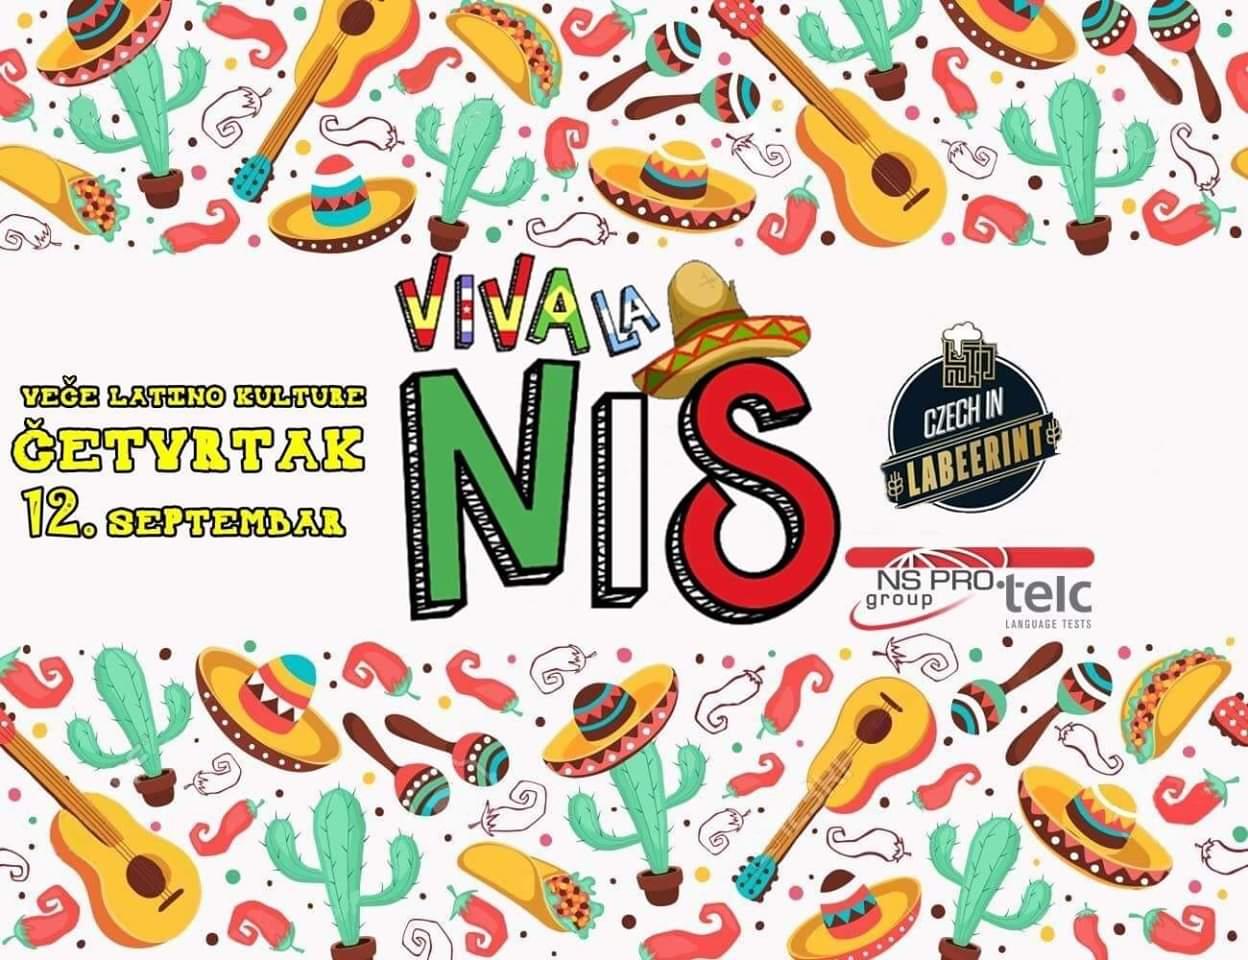 Viva La Niš-veče latino kulture @Labeerint